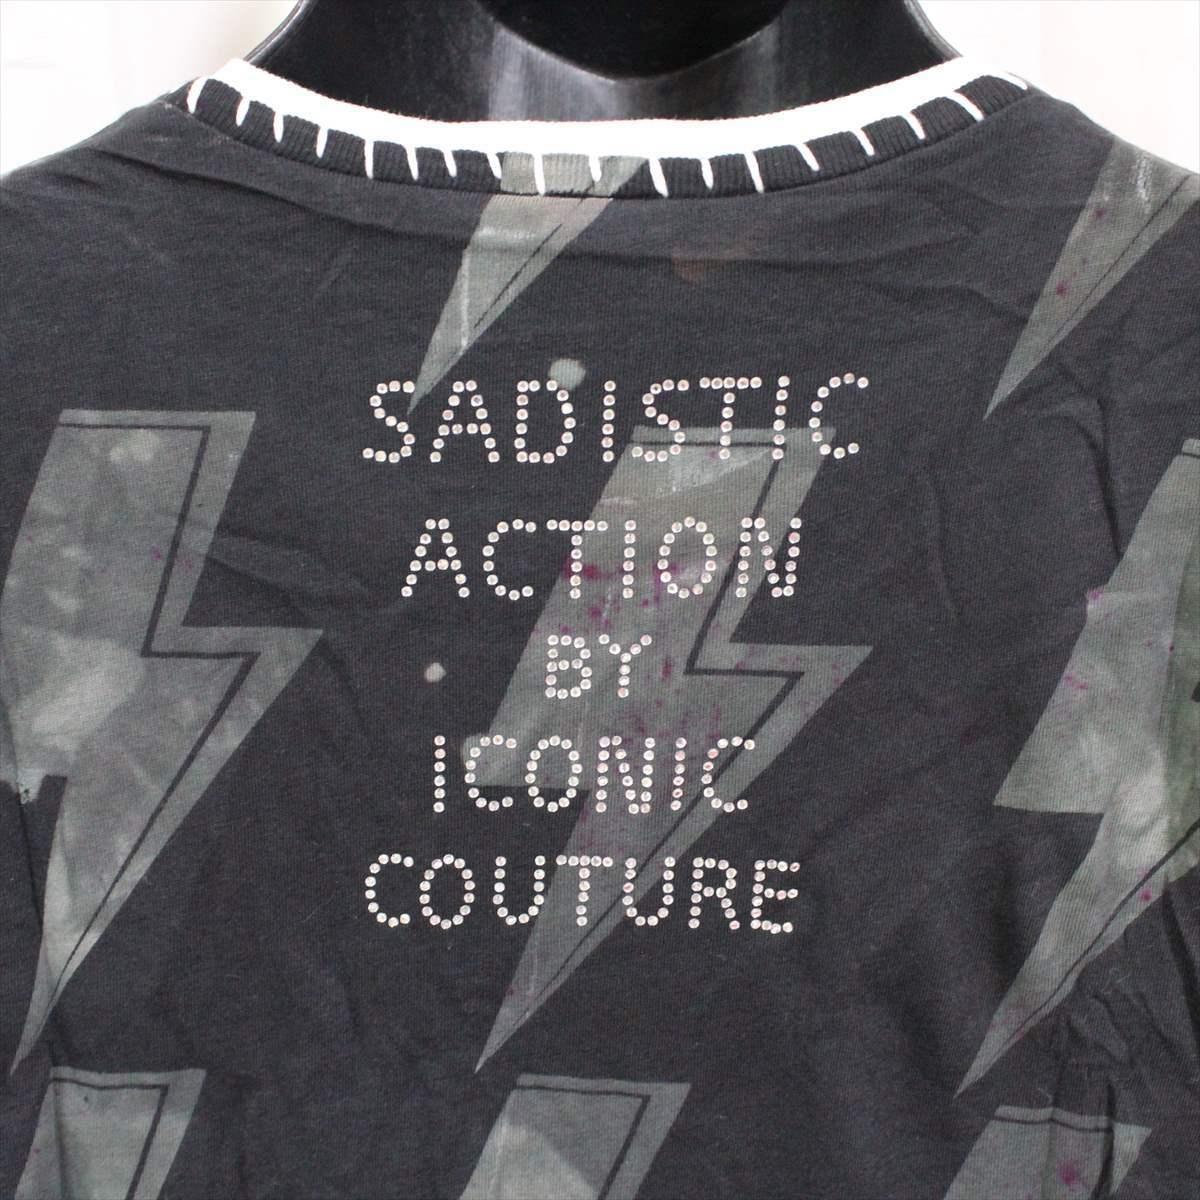 サディスティックアクション SADISTIC ACTION アイコニック ICONIC COUTURE メンズ半袖Tシャツ AC/DC Sサイズ 新品 アメリカ製_画像5